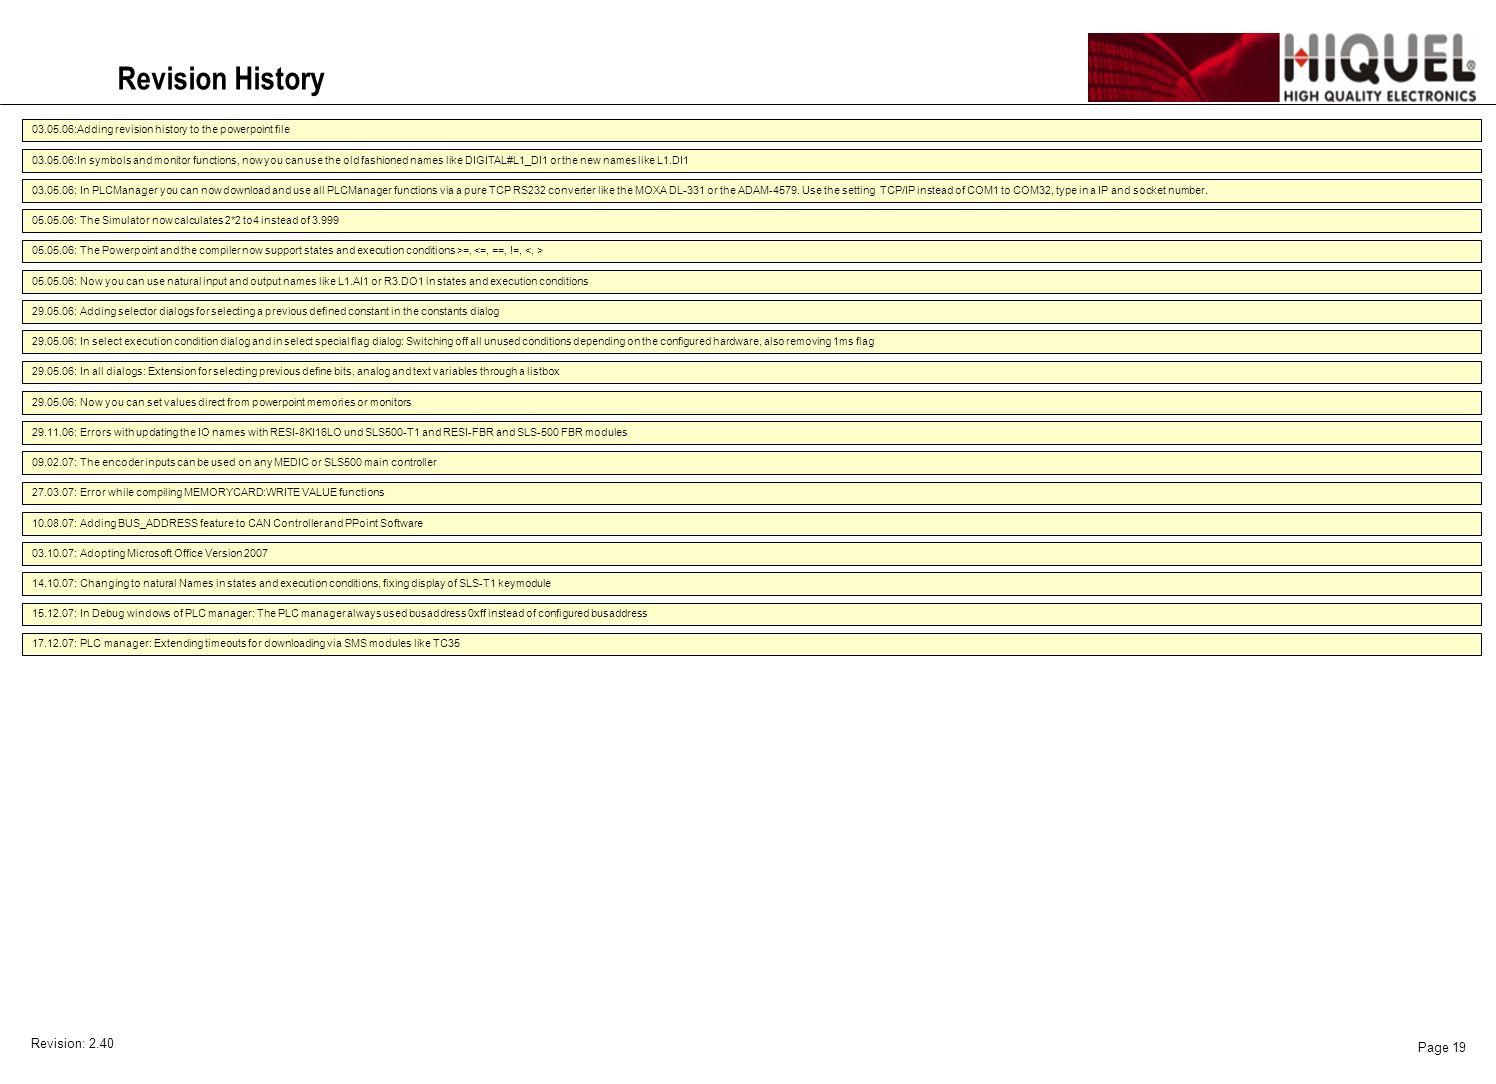 Revision 240 sls500 configurator r0412 programmumgebung 19 revision biocorpaavc Gallery